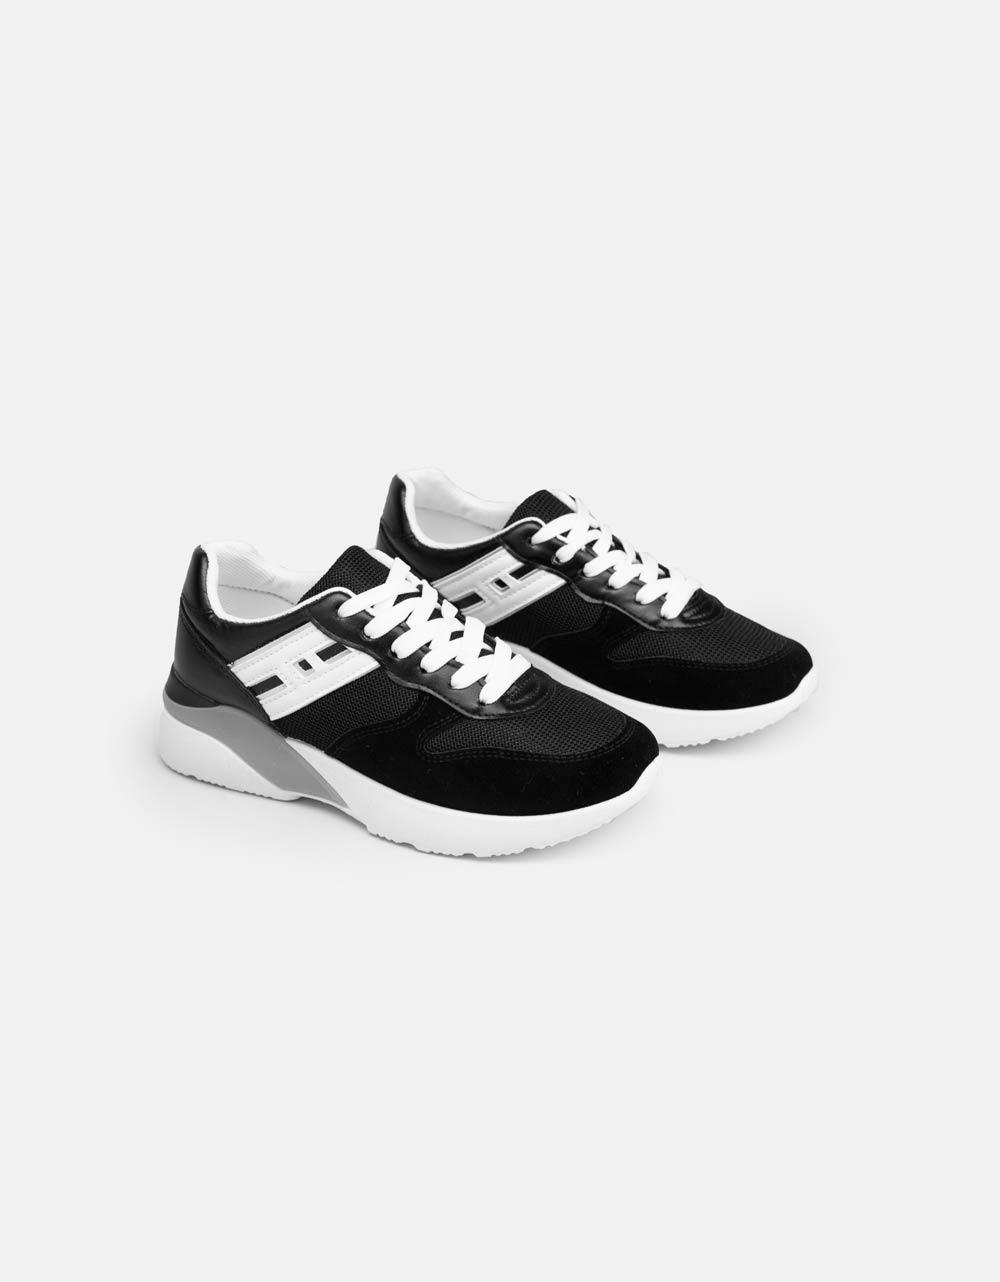 Εικόνα από Γυναικεία sneakers με δίχρωμες λεπτομέρειες Μαύρο/Λευκό